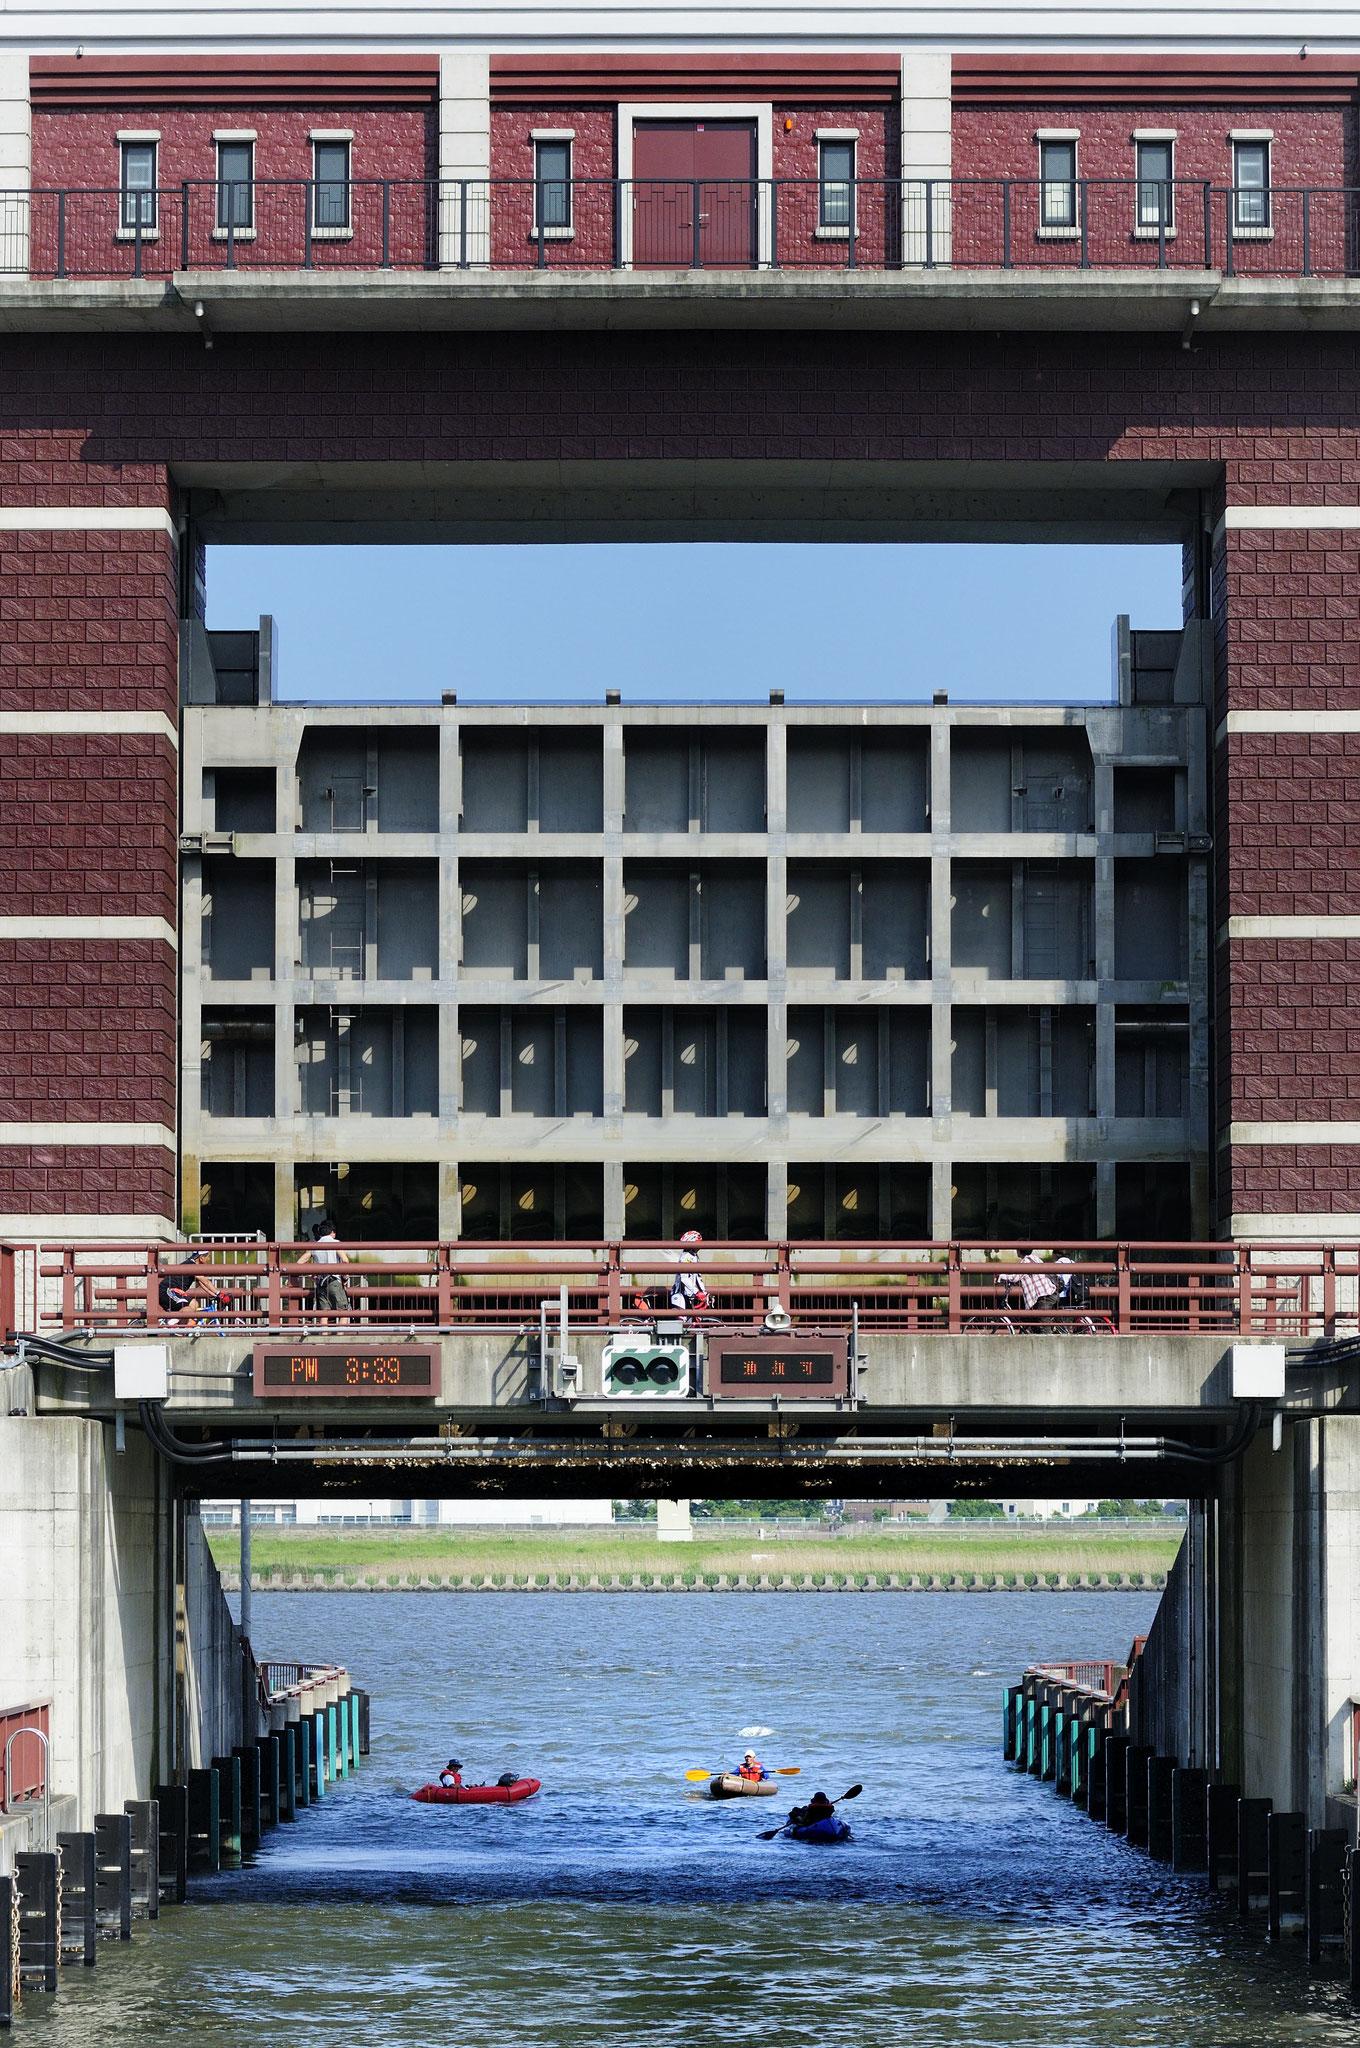 荒川ロックゲートの完成で隅田川と荒川が旧中川・小名木川を通じてつながる